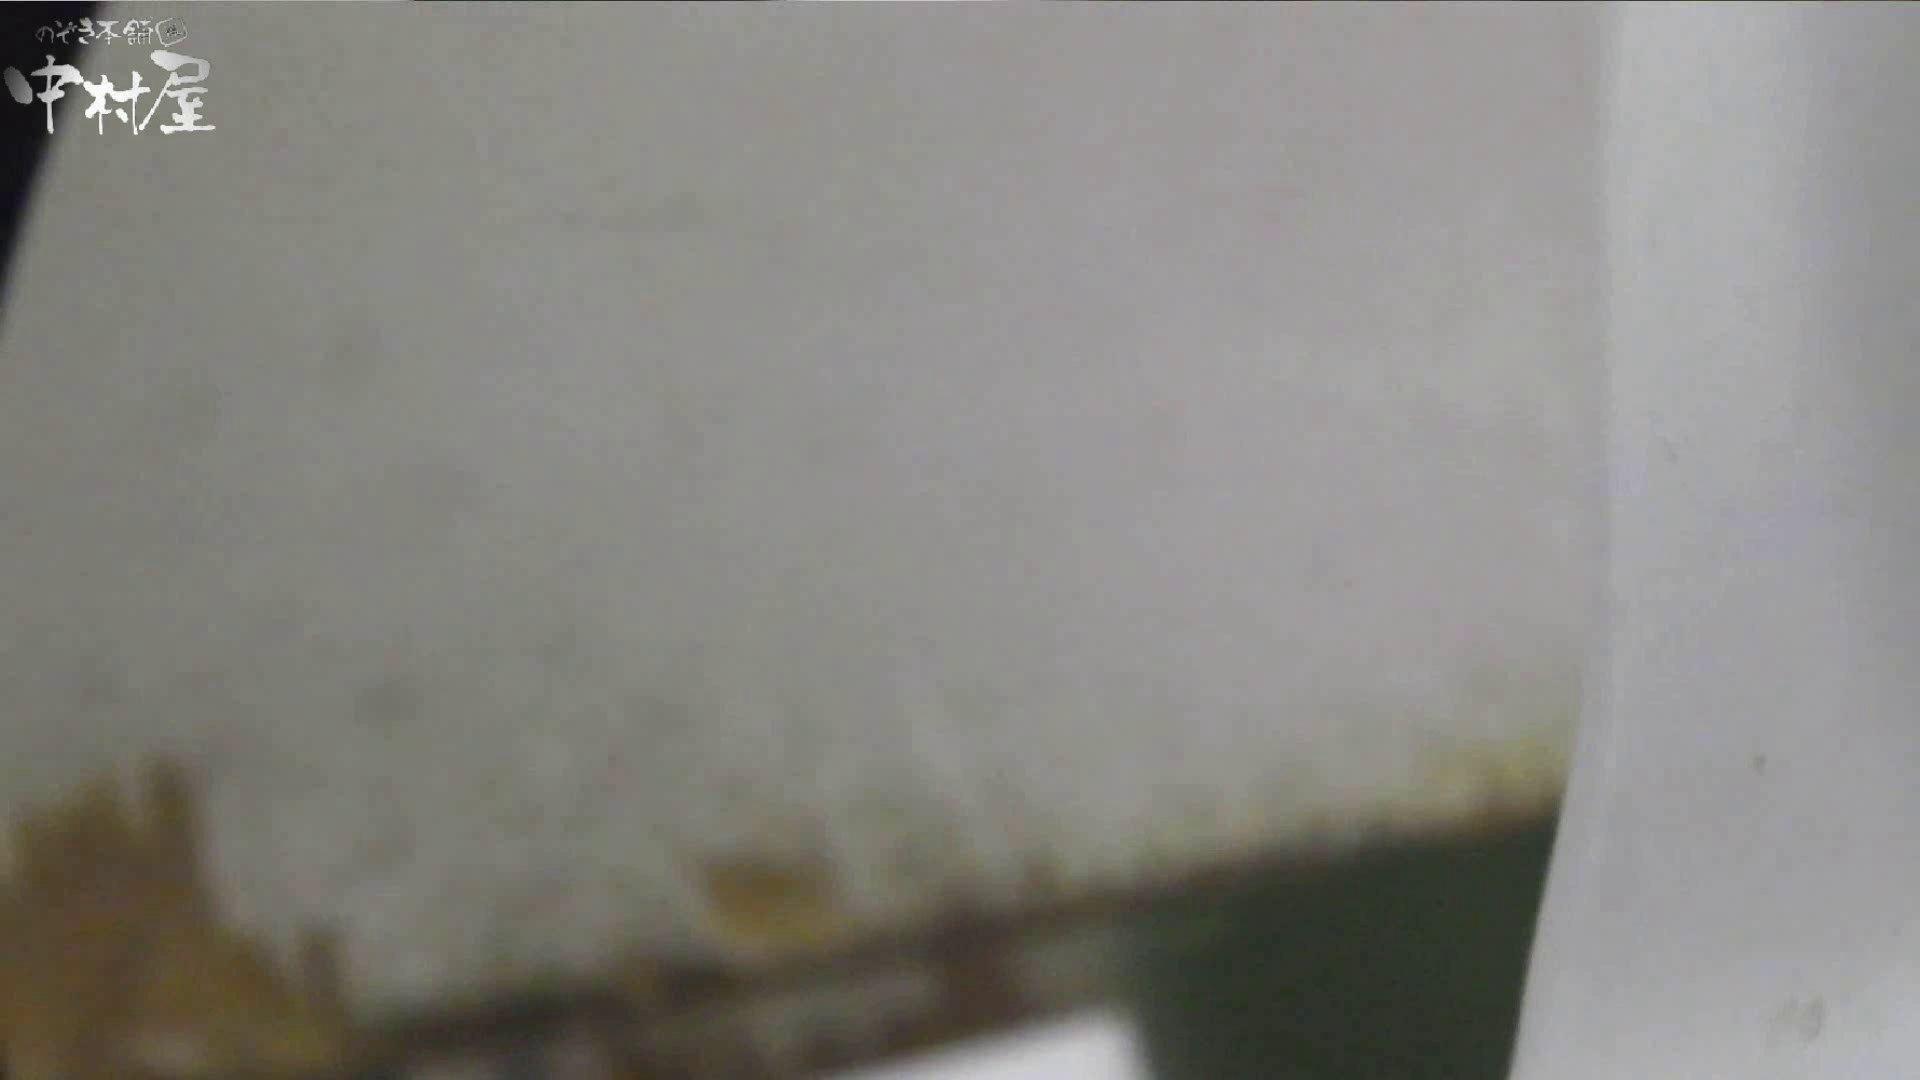 vol.49 命がけ潜伏洗面所! ポニテたんのソフトなブツ・推定180g OL女体 | 潜入  45連発 45